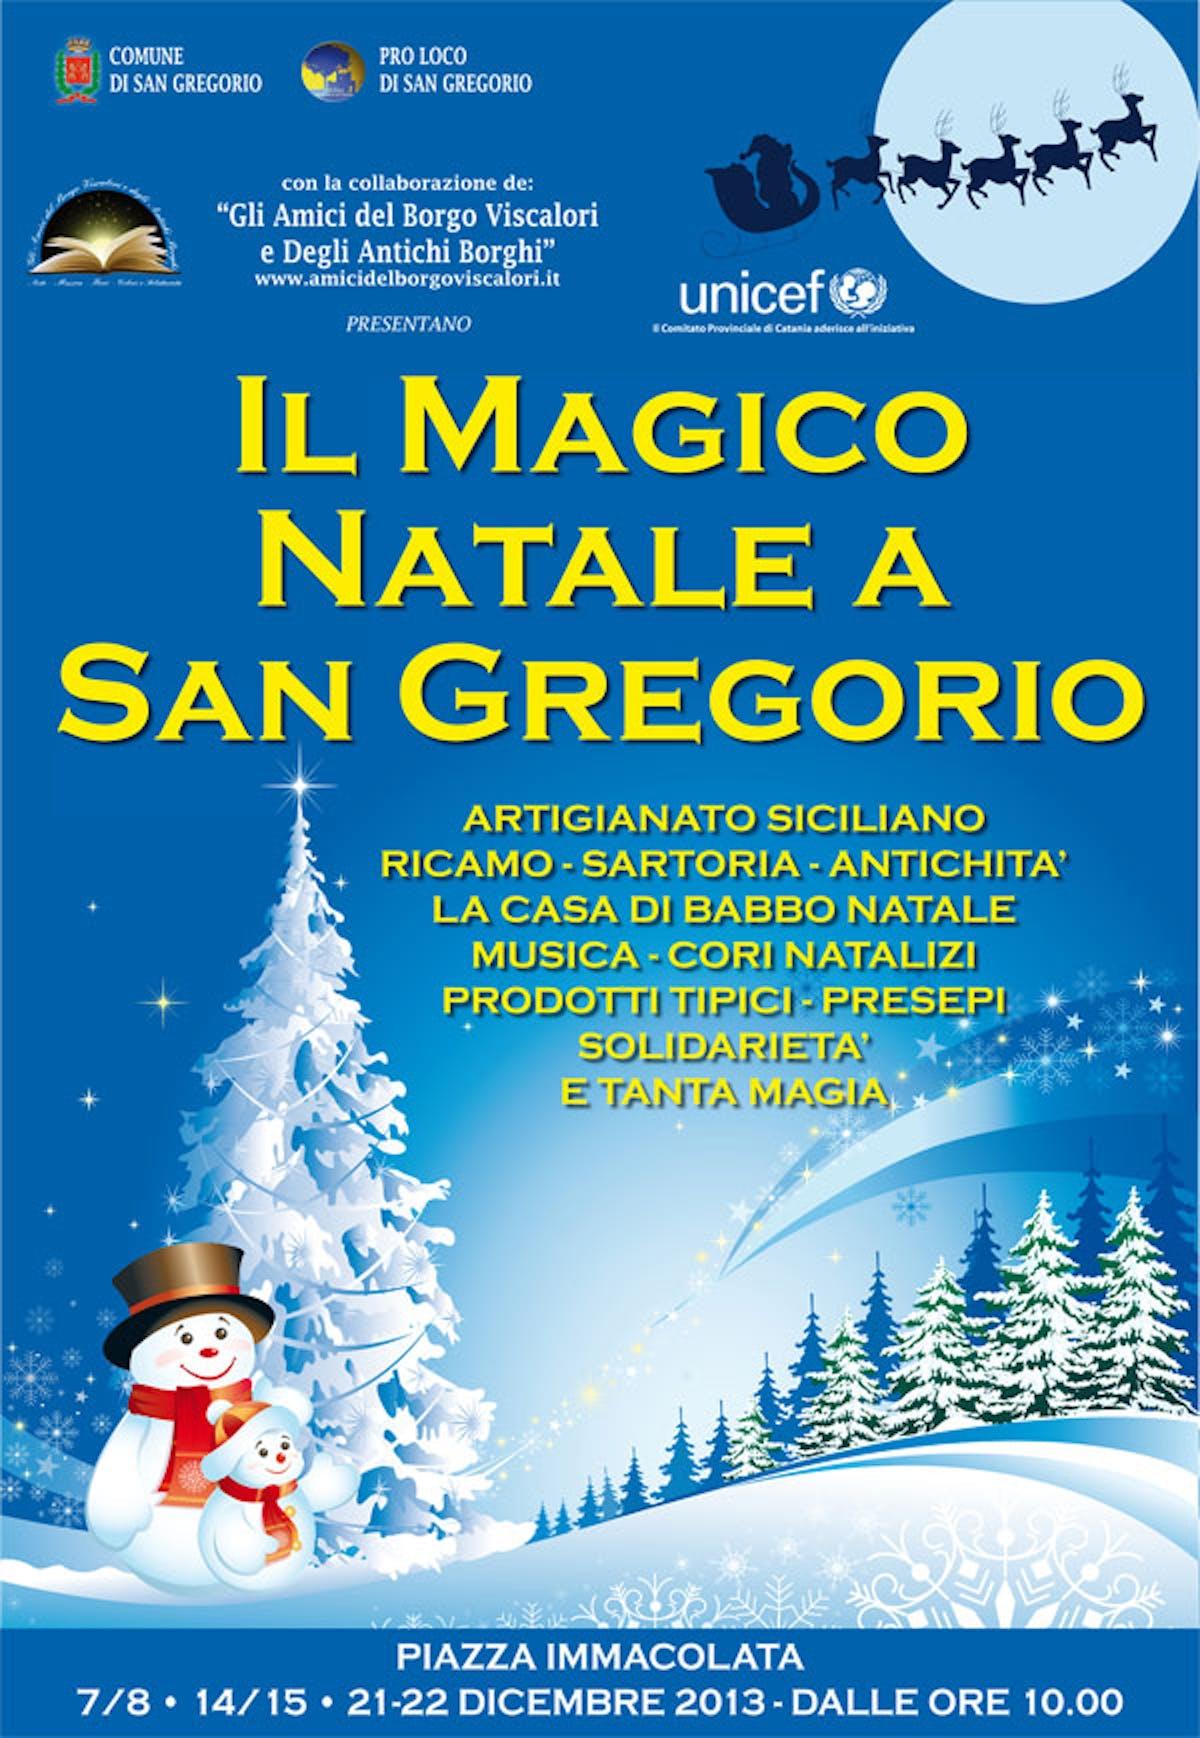 San Gregorio di Catania: un Natale firmato UNICEF